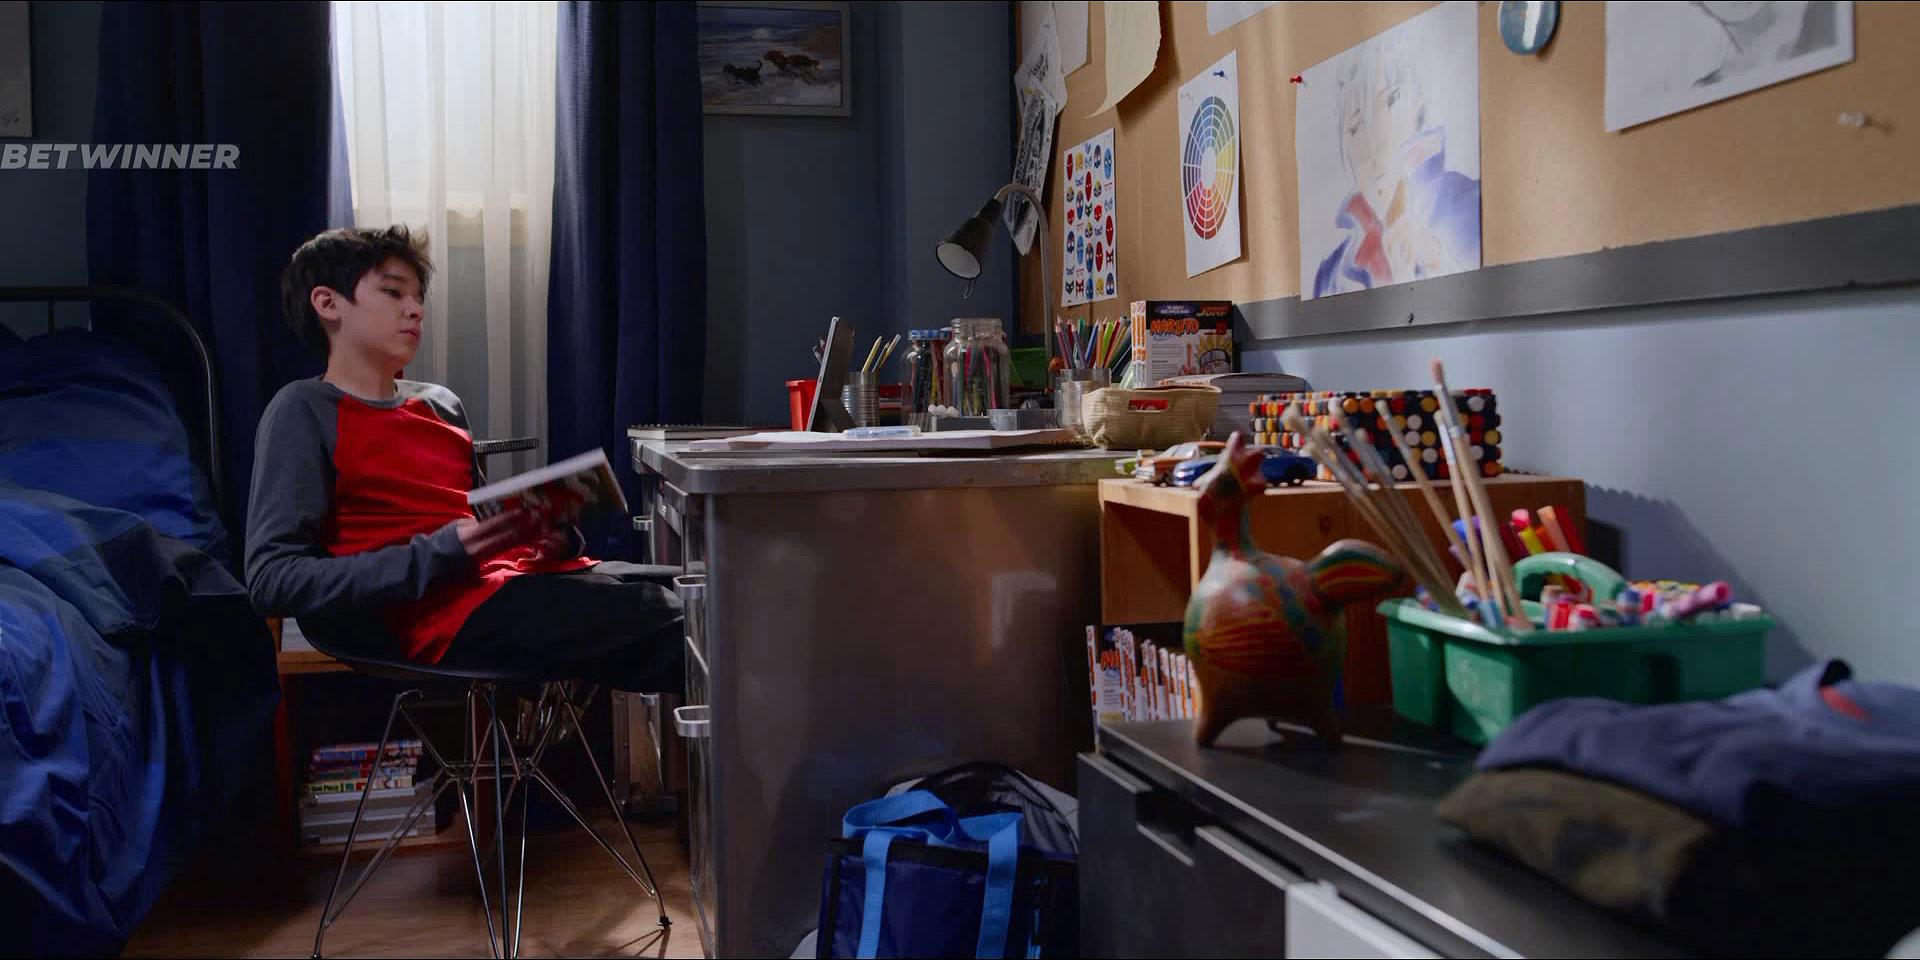 Послания призрака (1 сезон: 1-13 серии из 26) (2019) WEBRip 1080p | Octopus